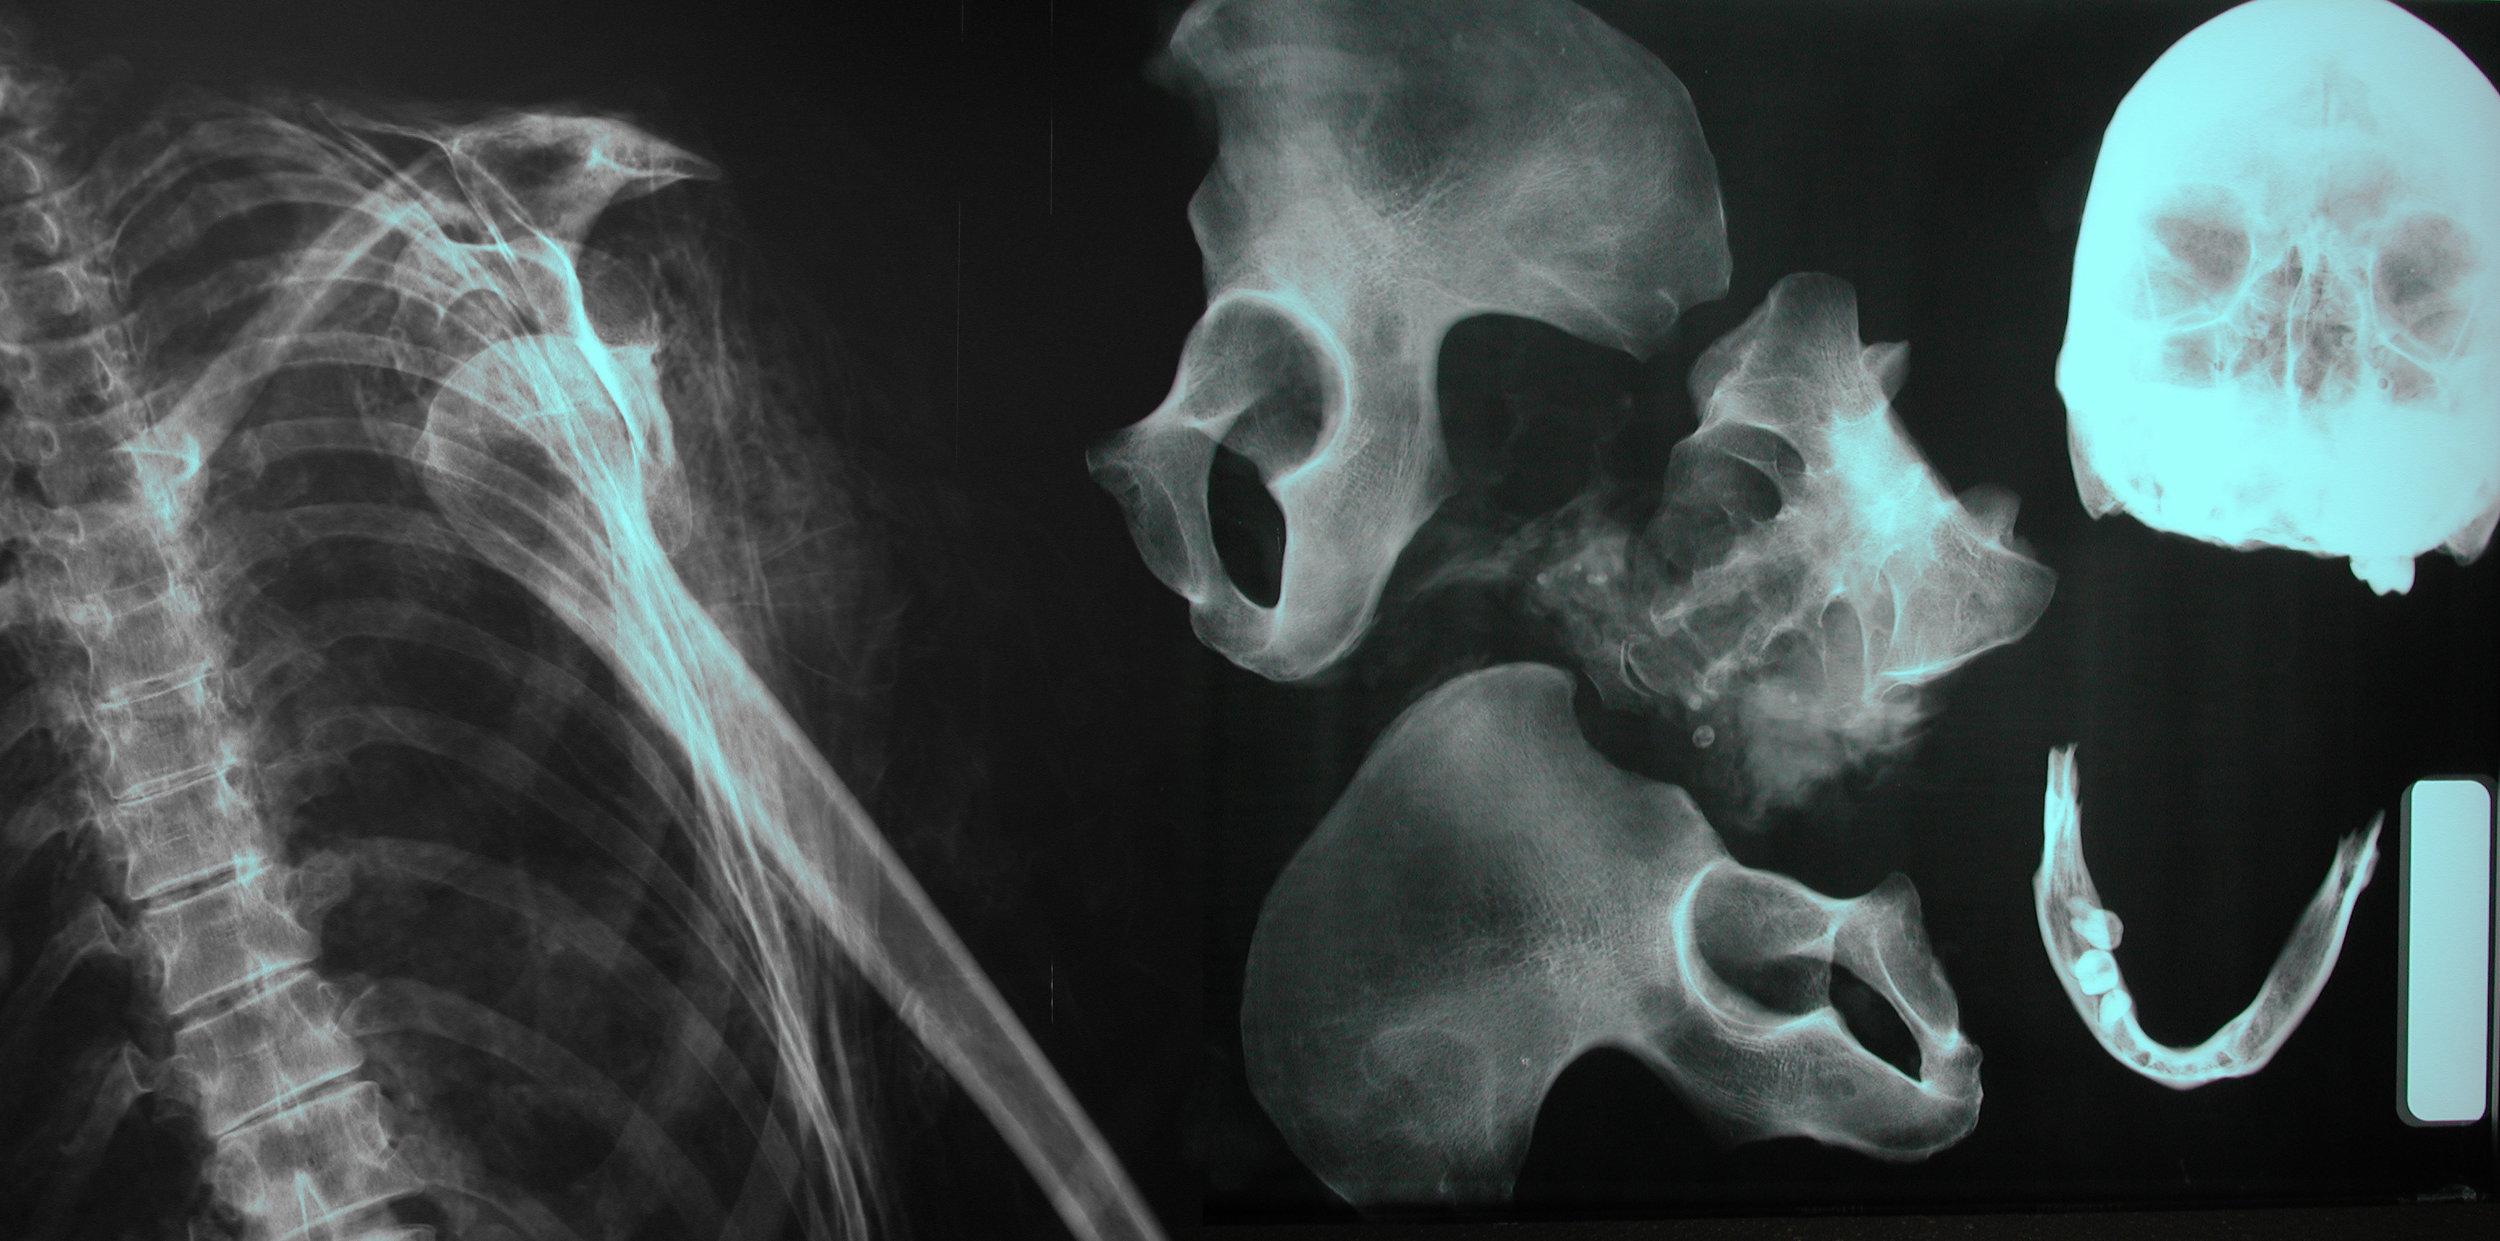 human-remains-analysis.jpg